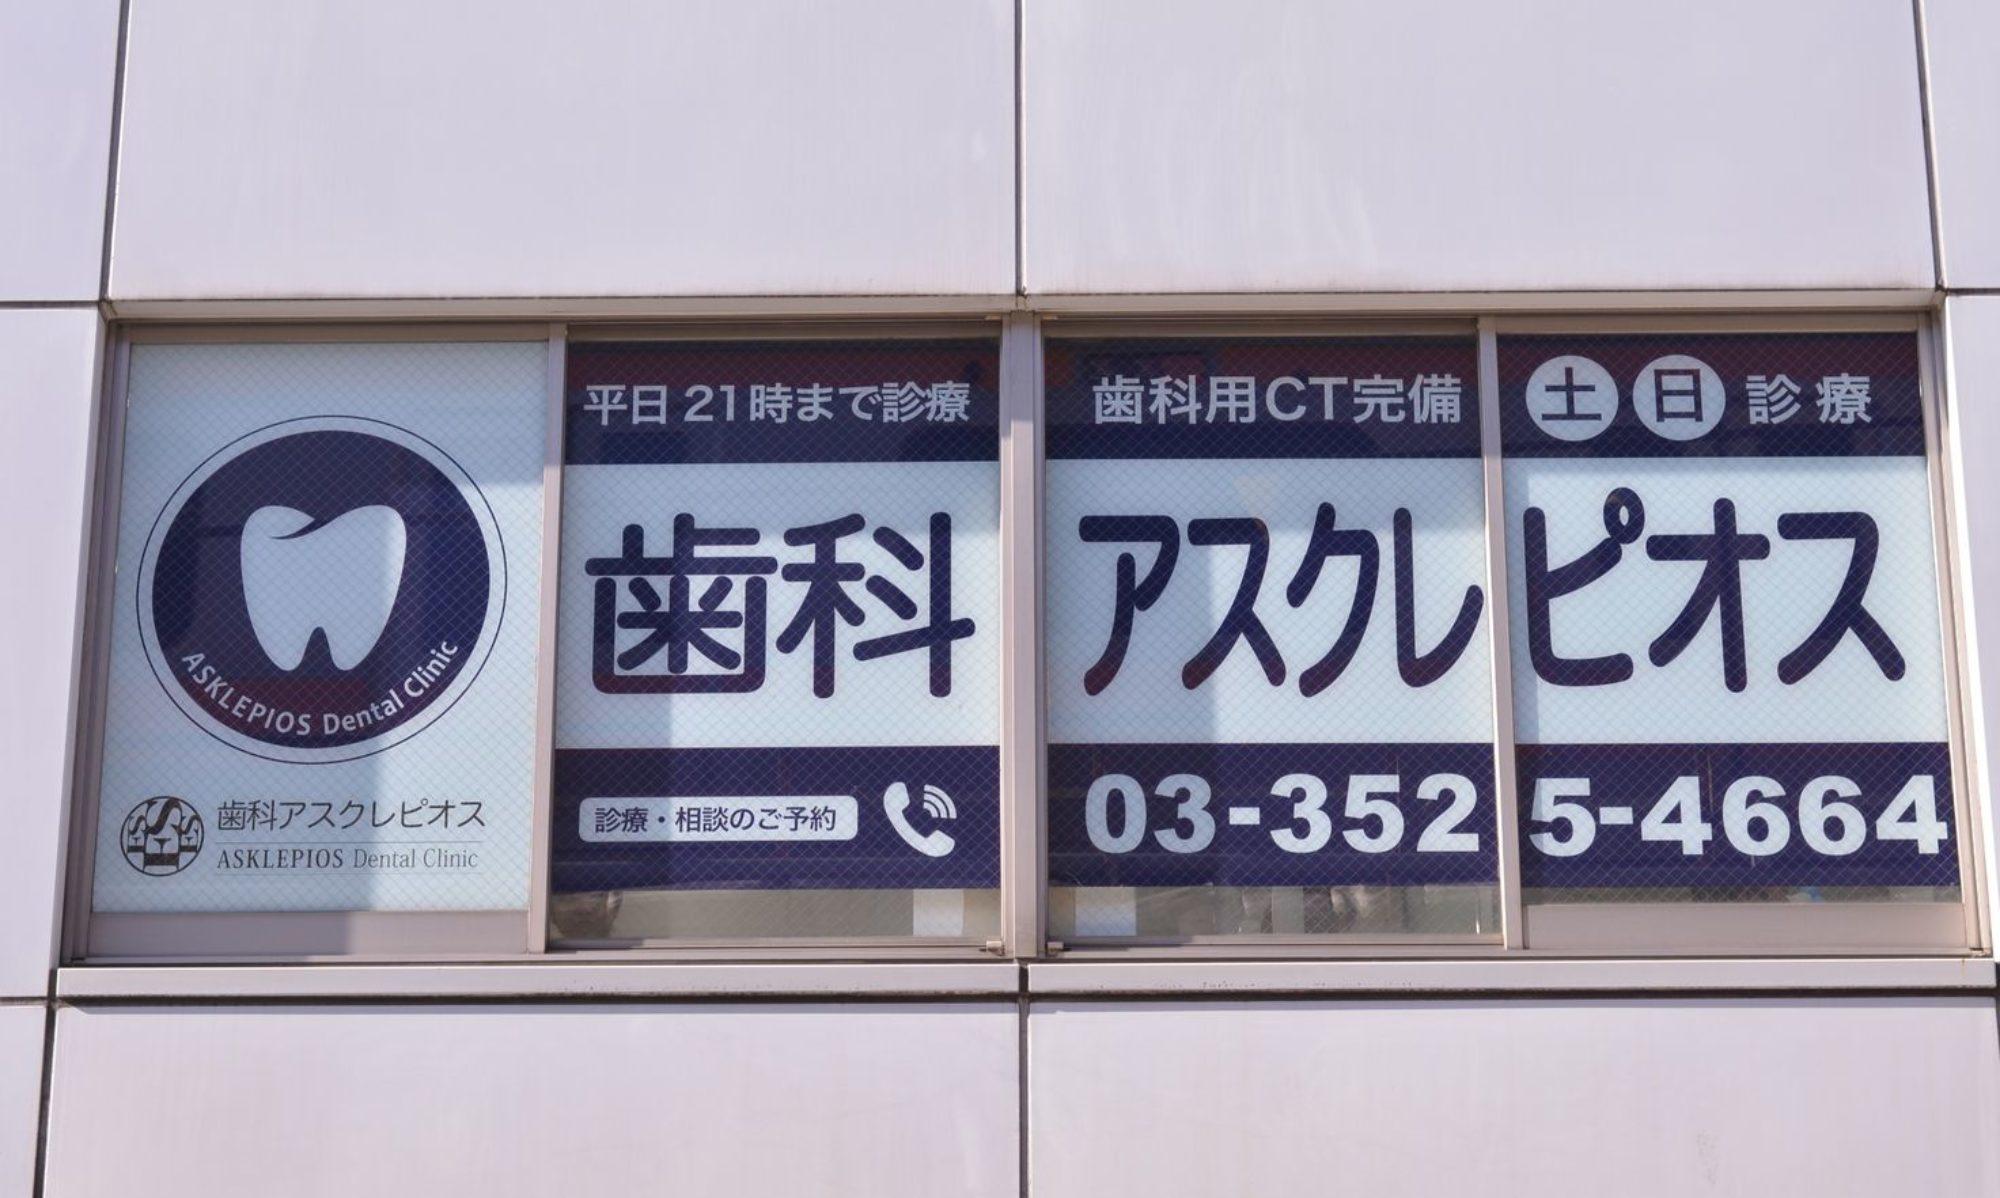 神田駅 歯科アスクレピオス